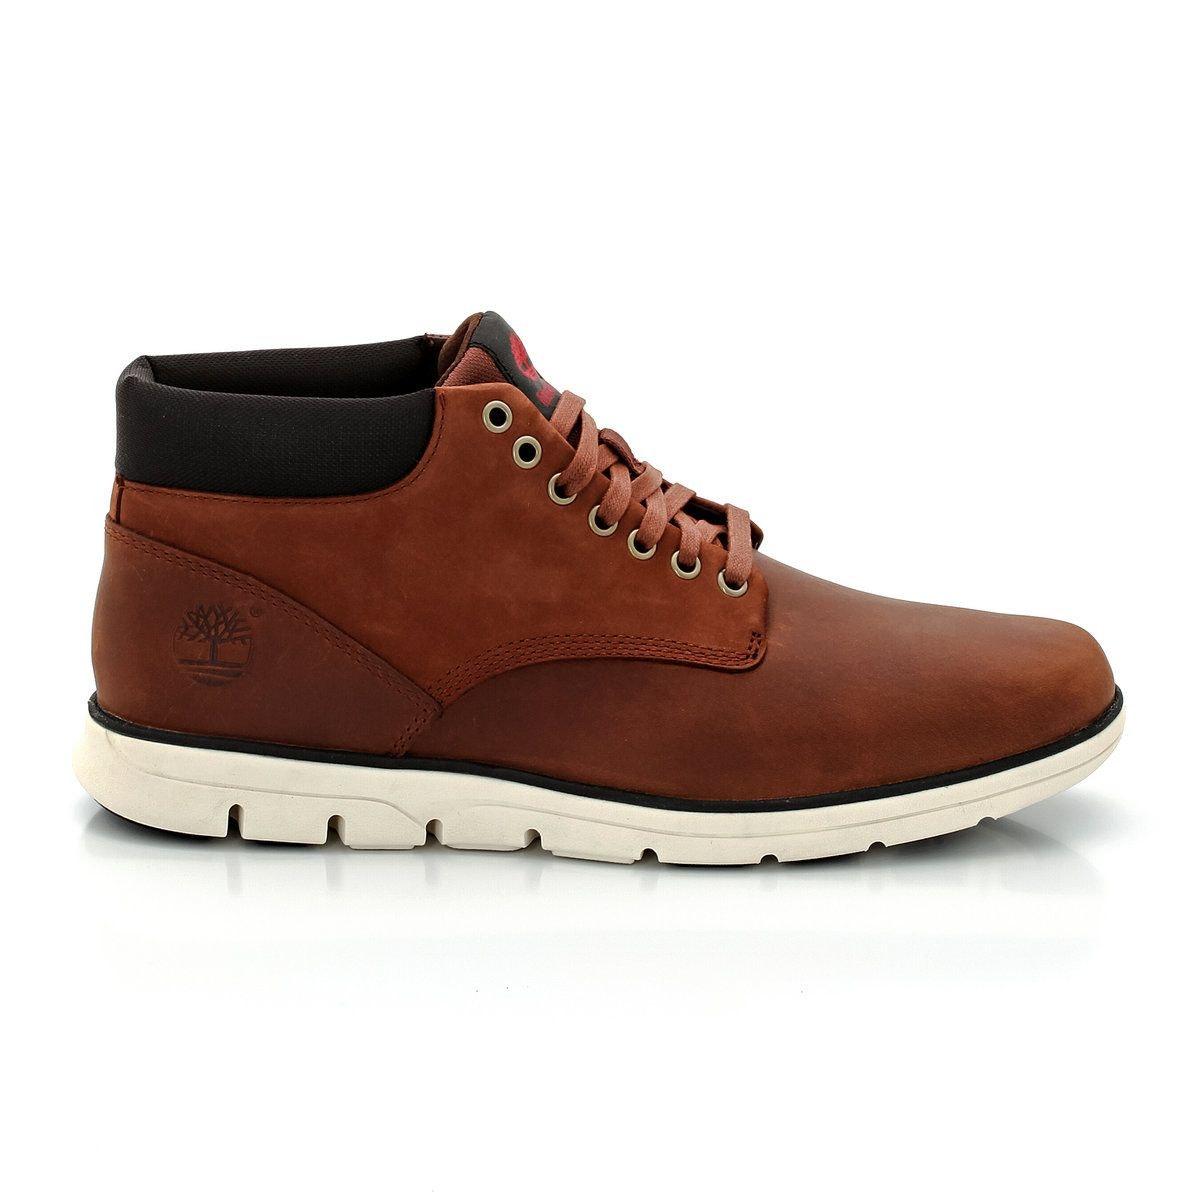 chaussure timberland hommr